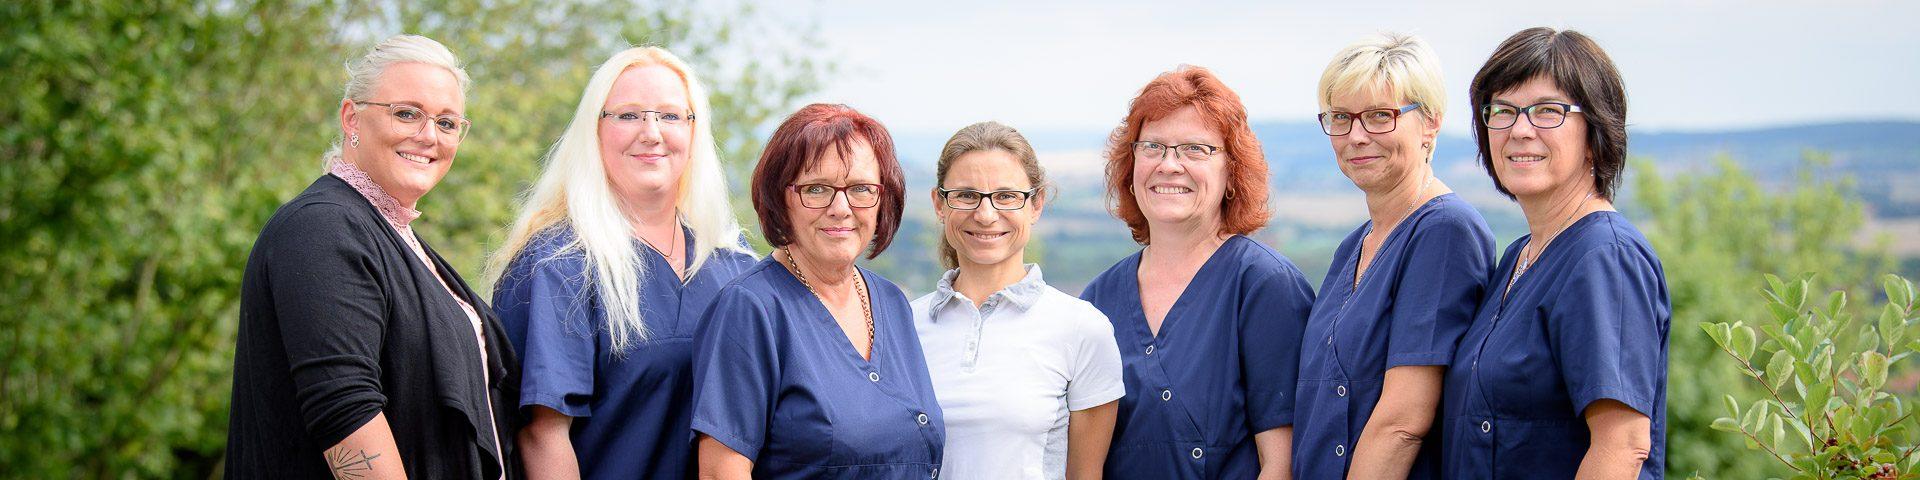 Fachzahnärztin für Kieferorthopädie Dr. Julia Fialka-Fricke